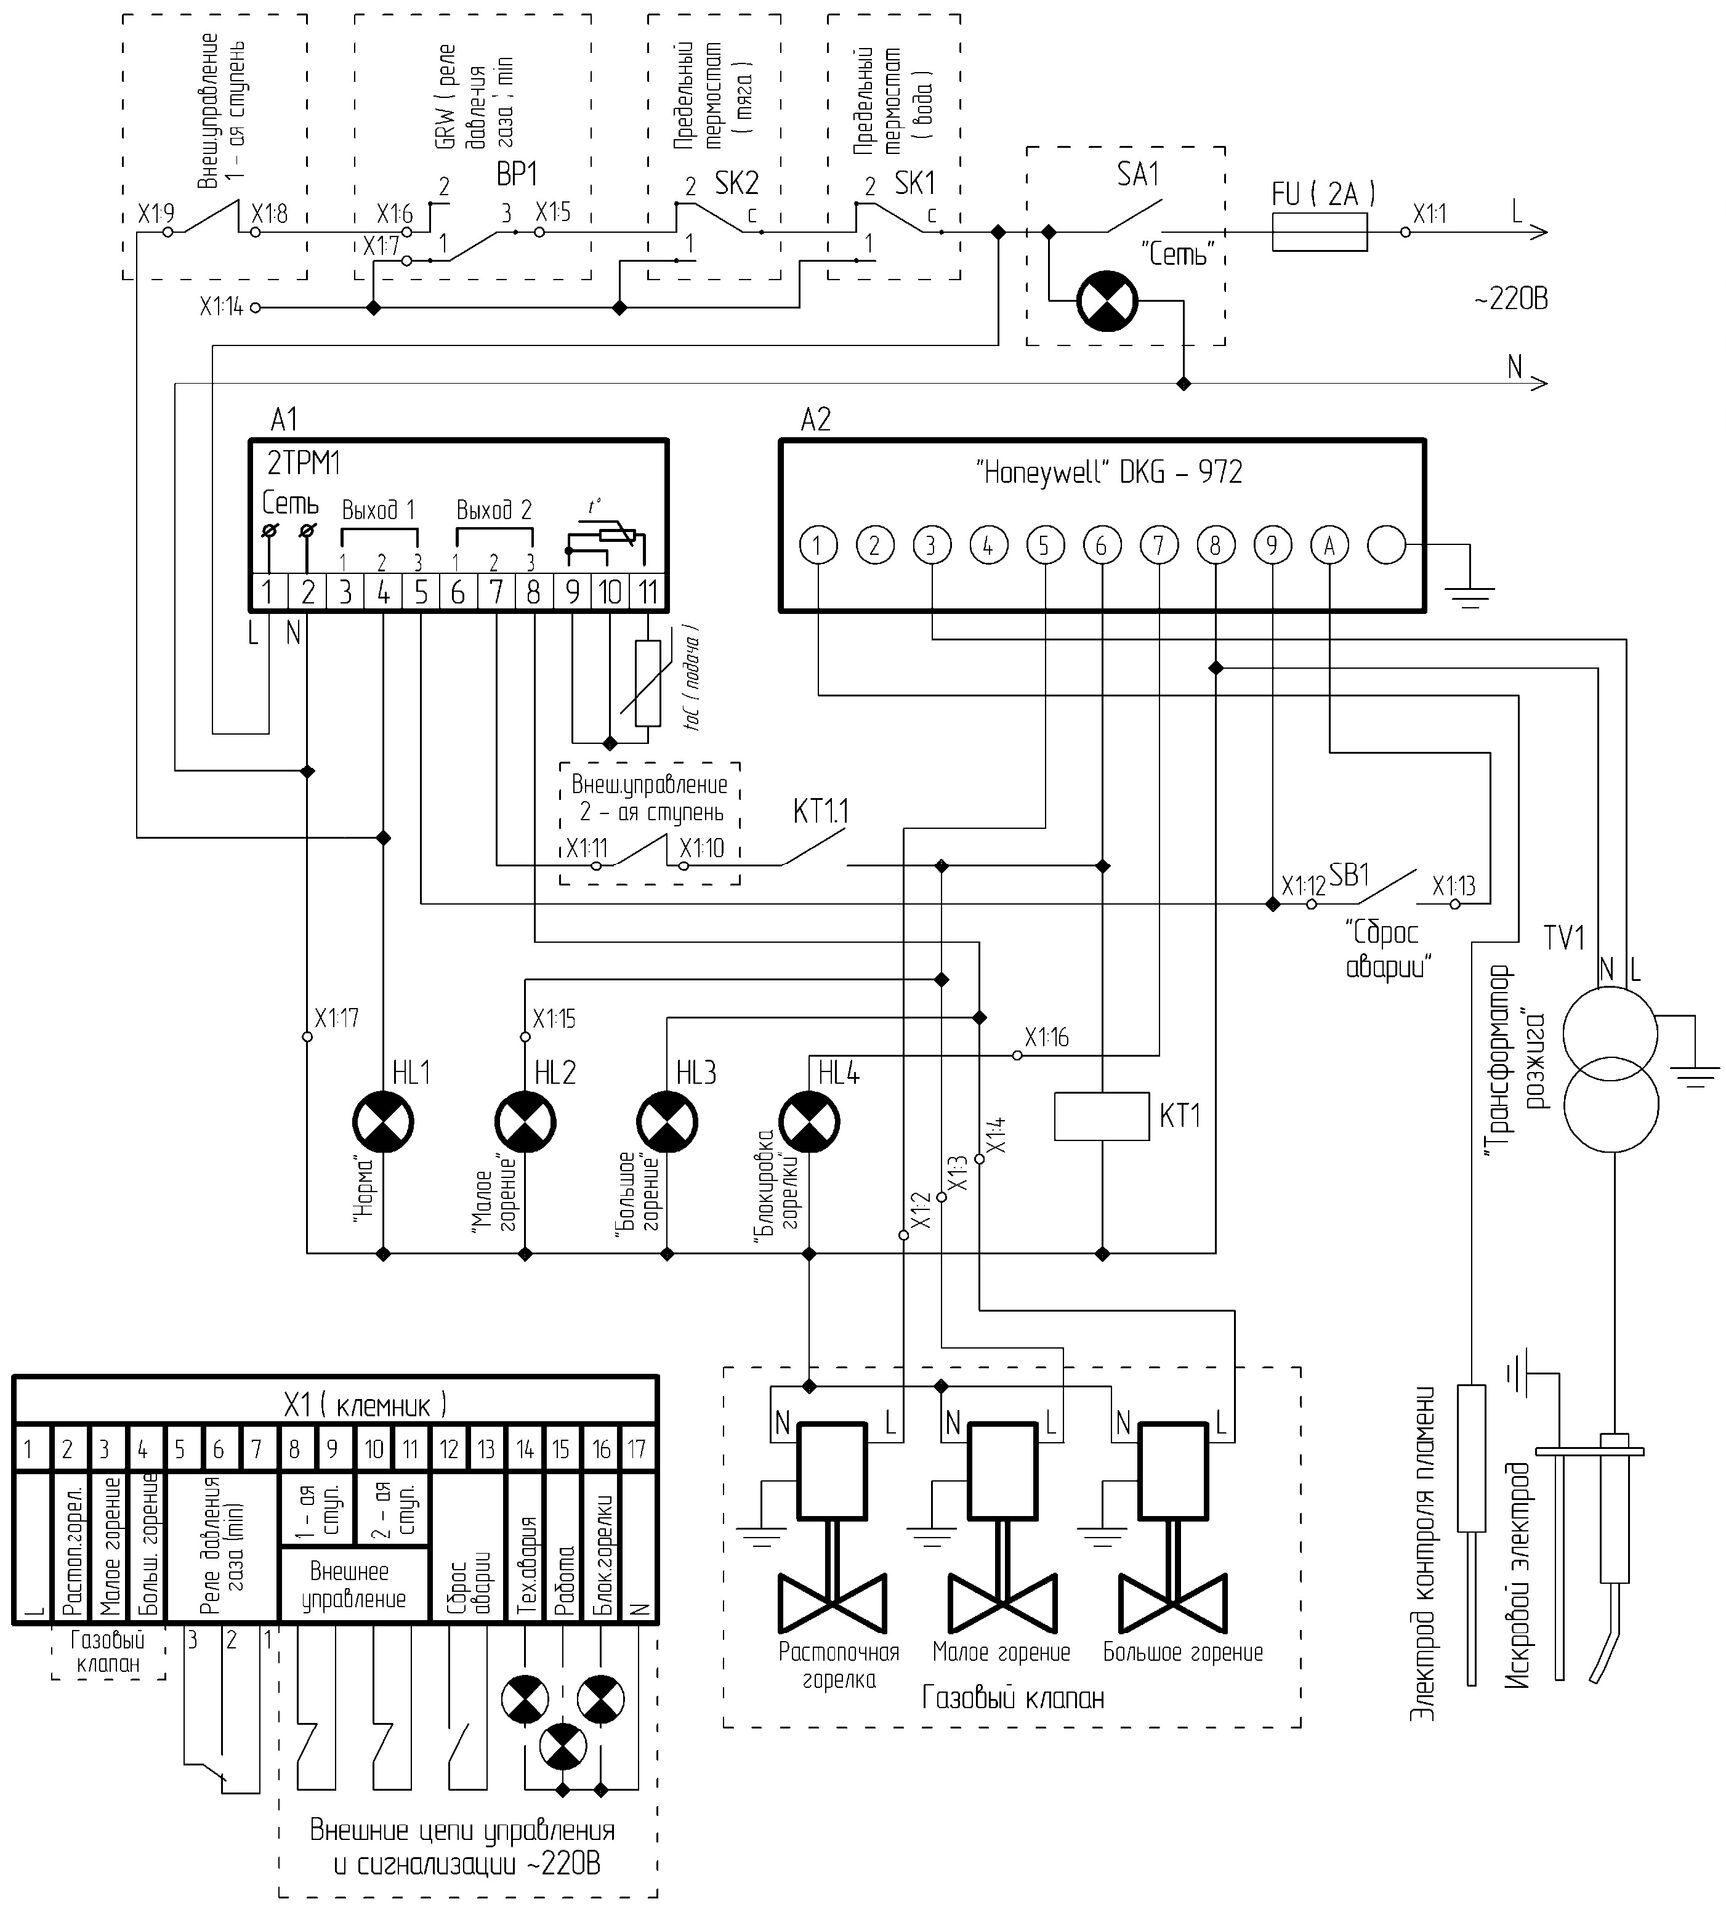 водогрейный котел rossen 80 принципиальная схема